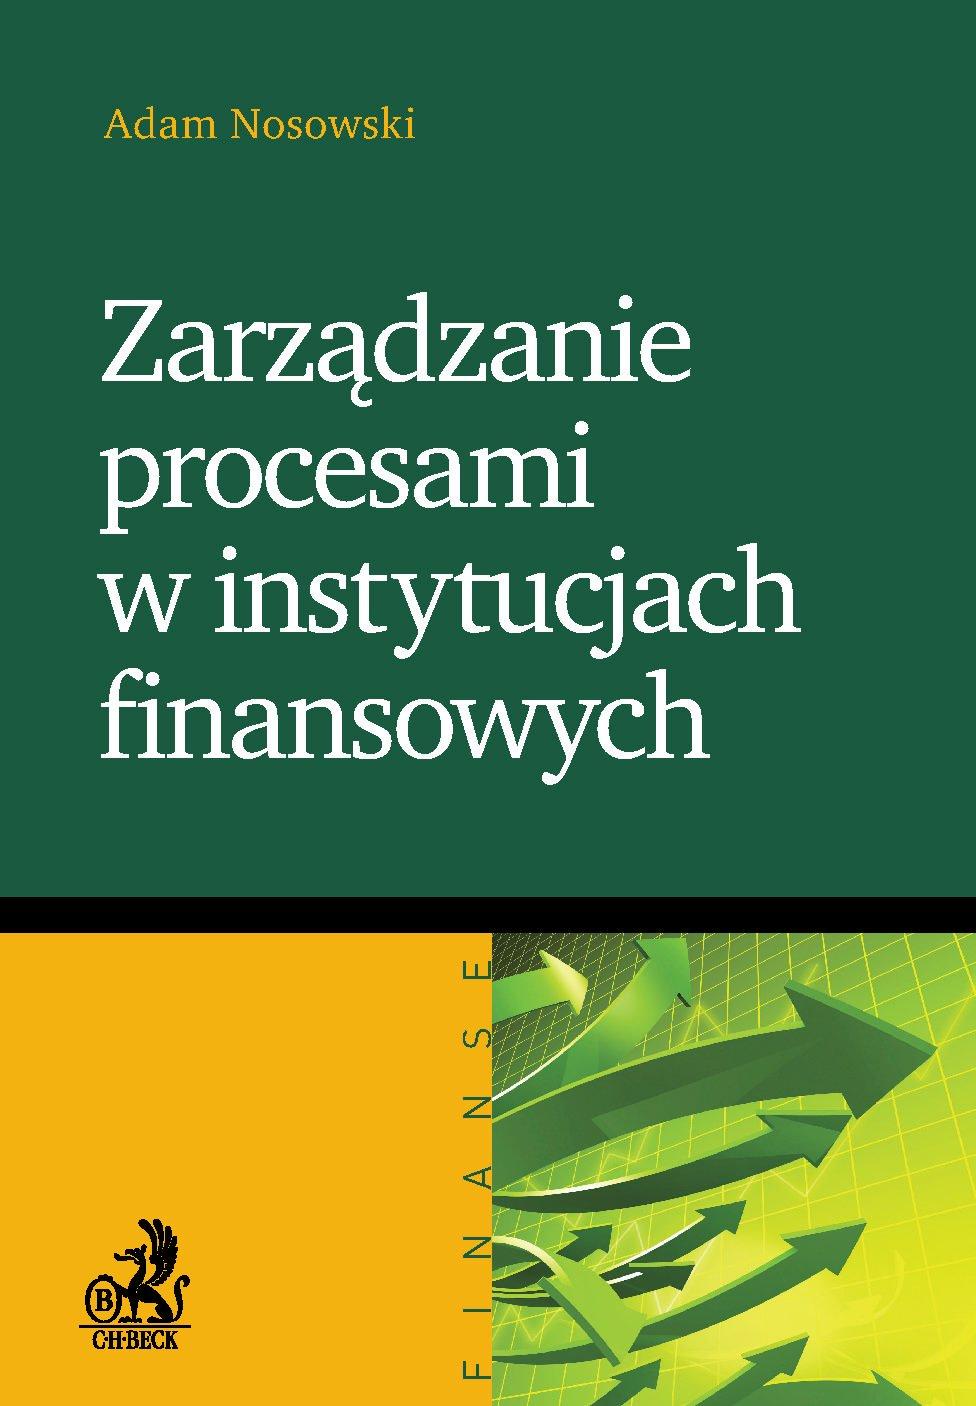 Zarządzanie procesami w instytucjach finansowych - Ebook (Książka PDF) do pobrania w formacie PDF